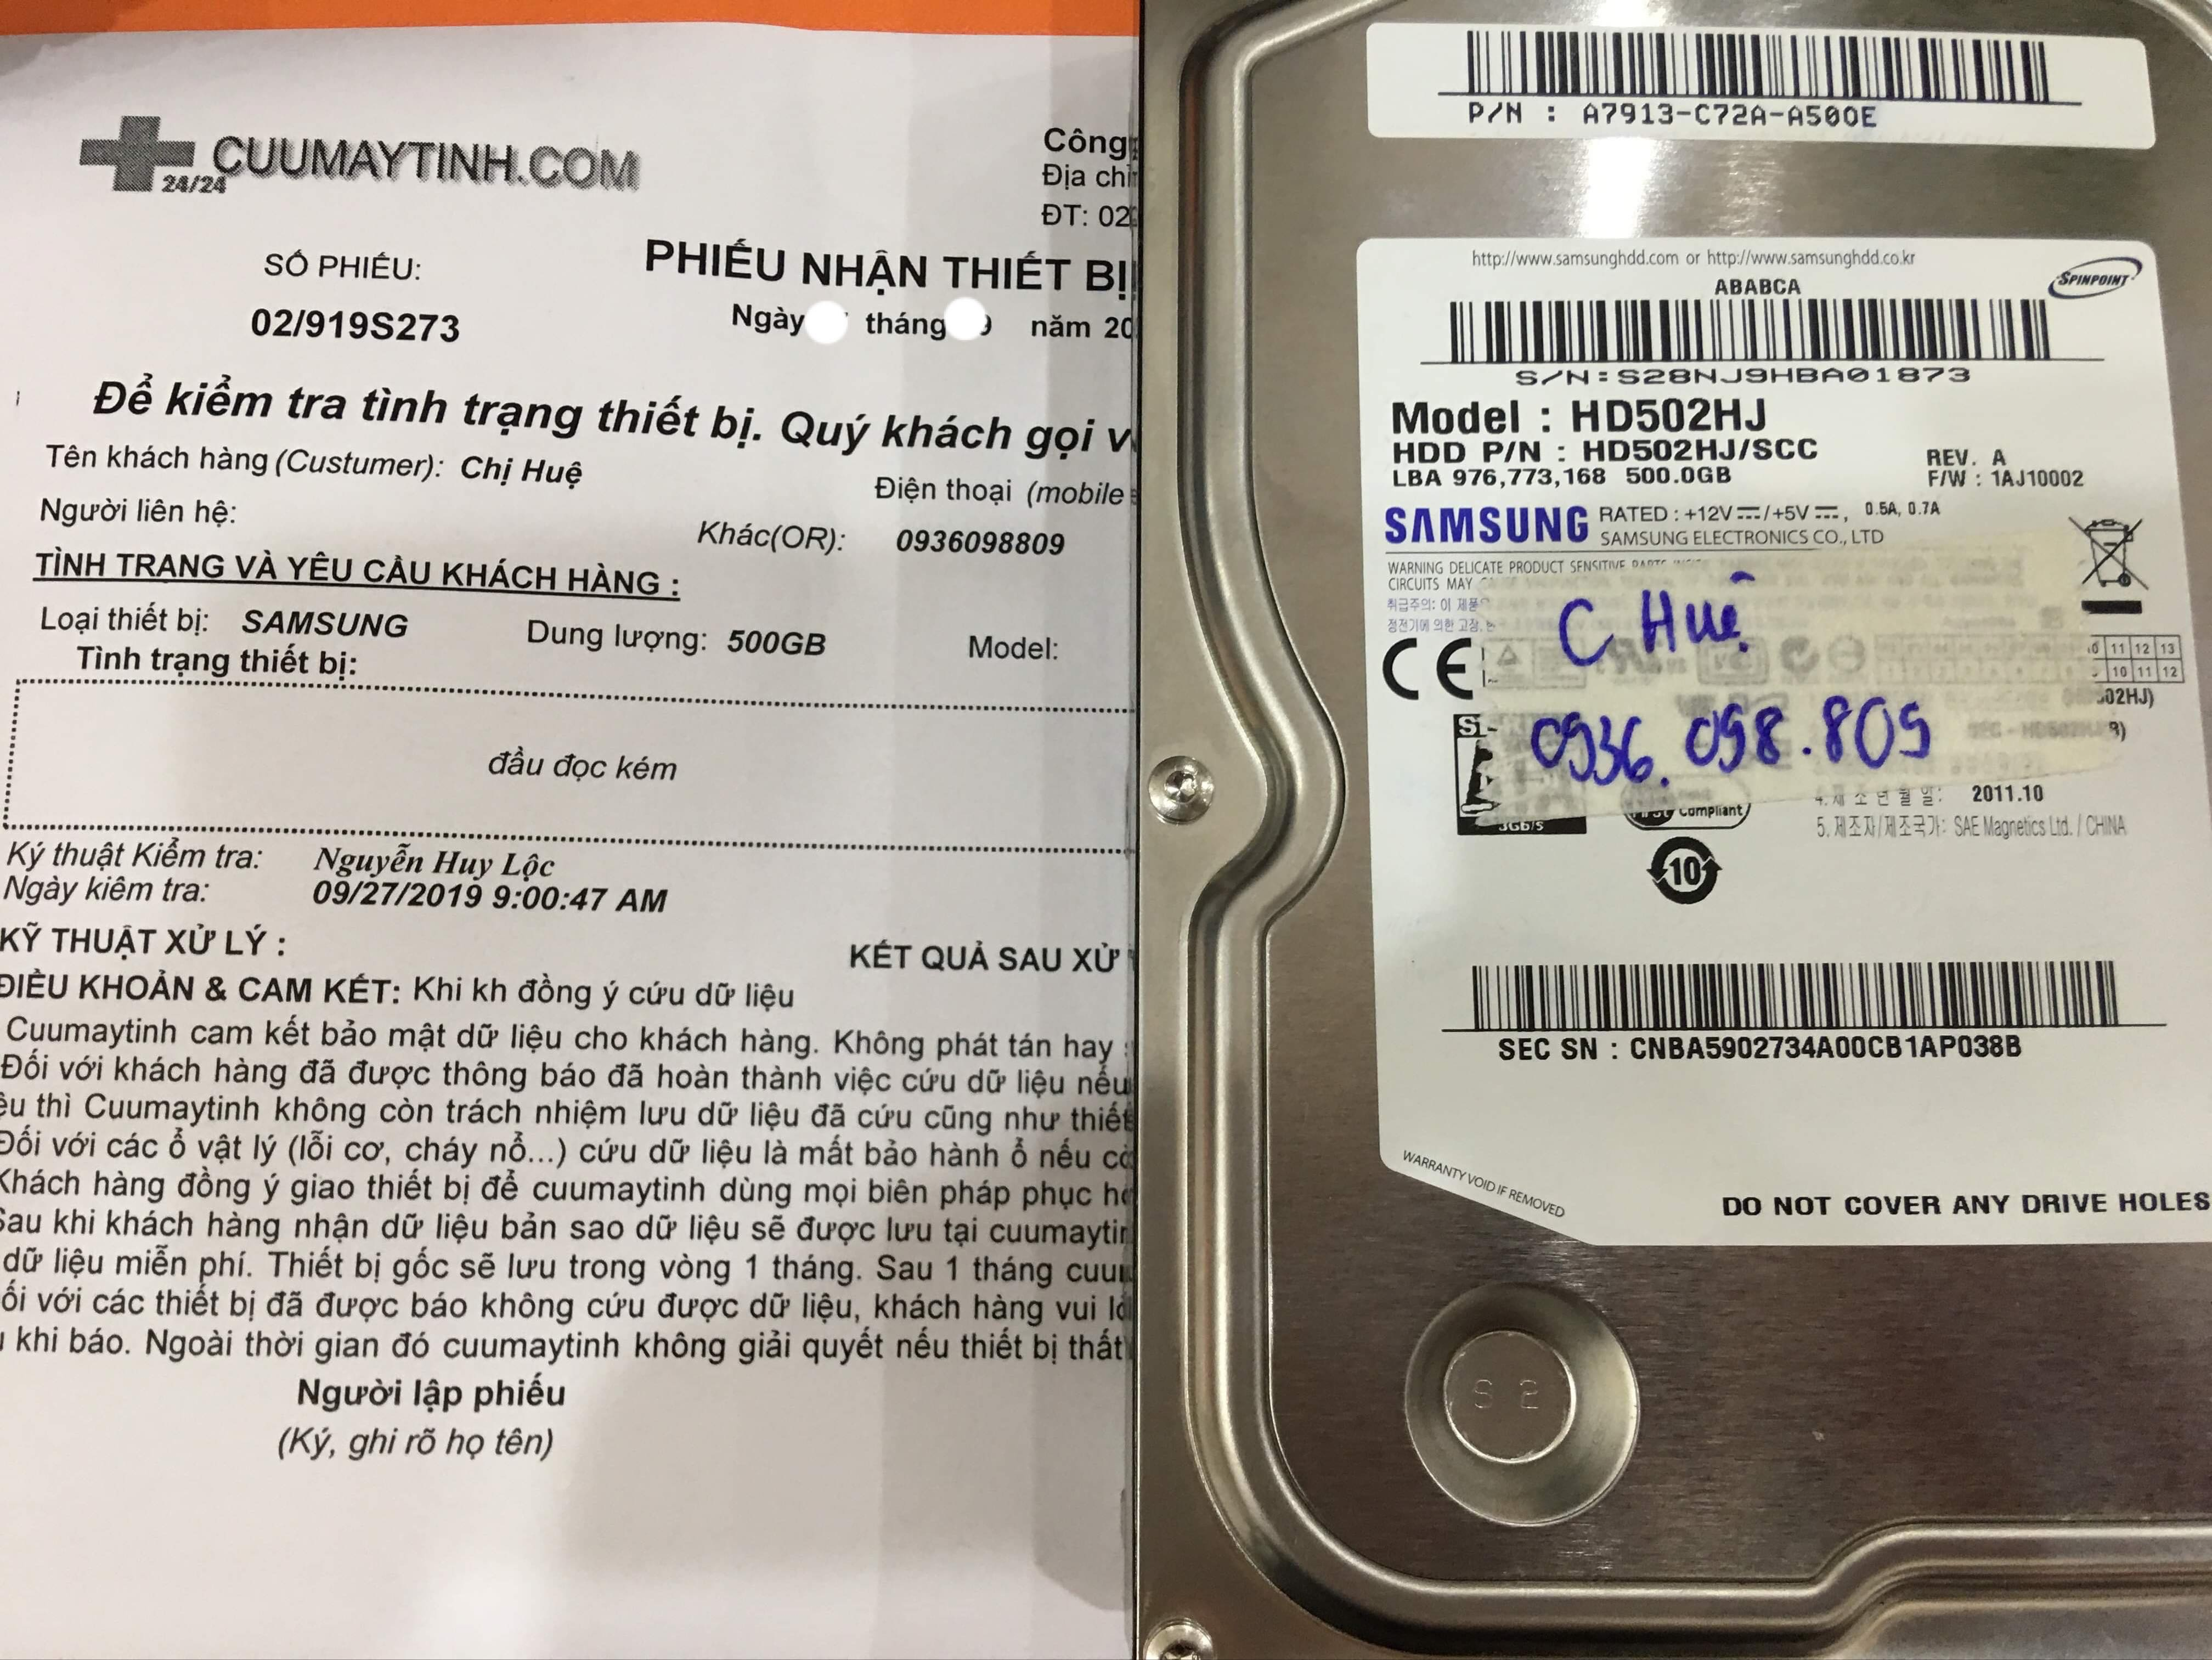 Cứu dữ liệu ổ cứng Samsung 500GB đầu đọc kém 08/10/2019 - cuumaytinh